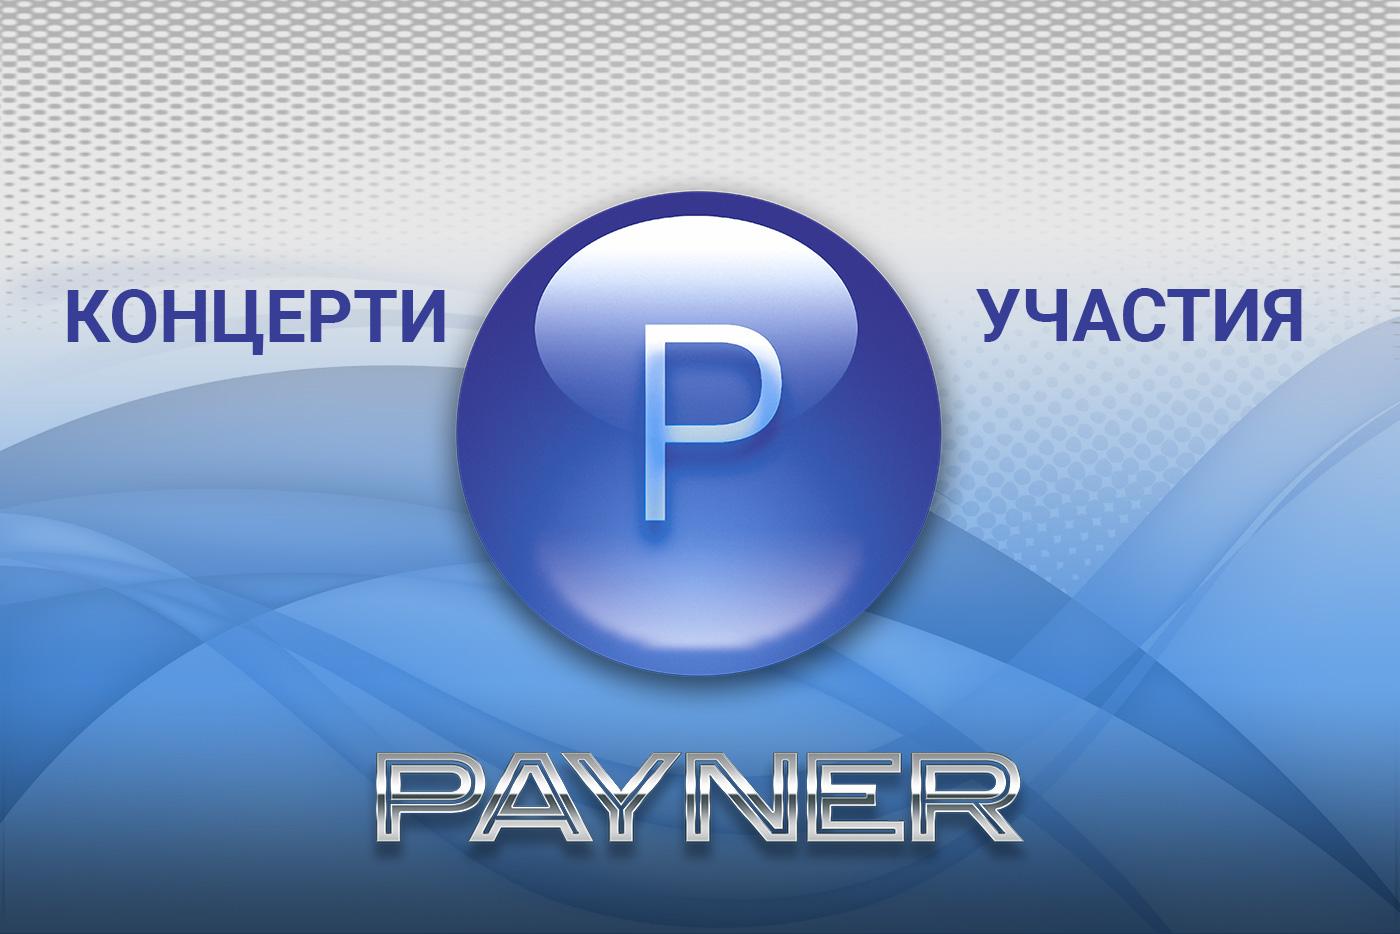 """Участия на звездите на """"Пайнер"""" на 18.02.2019"""